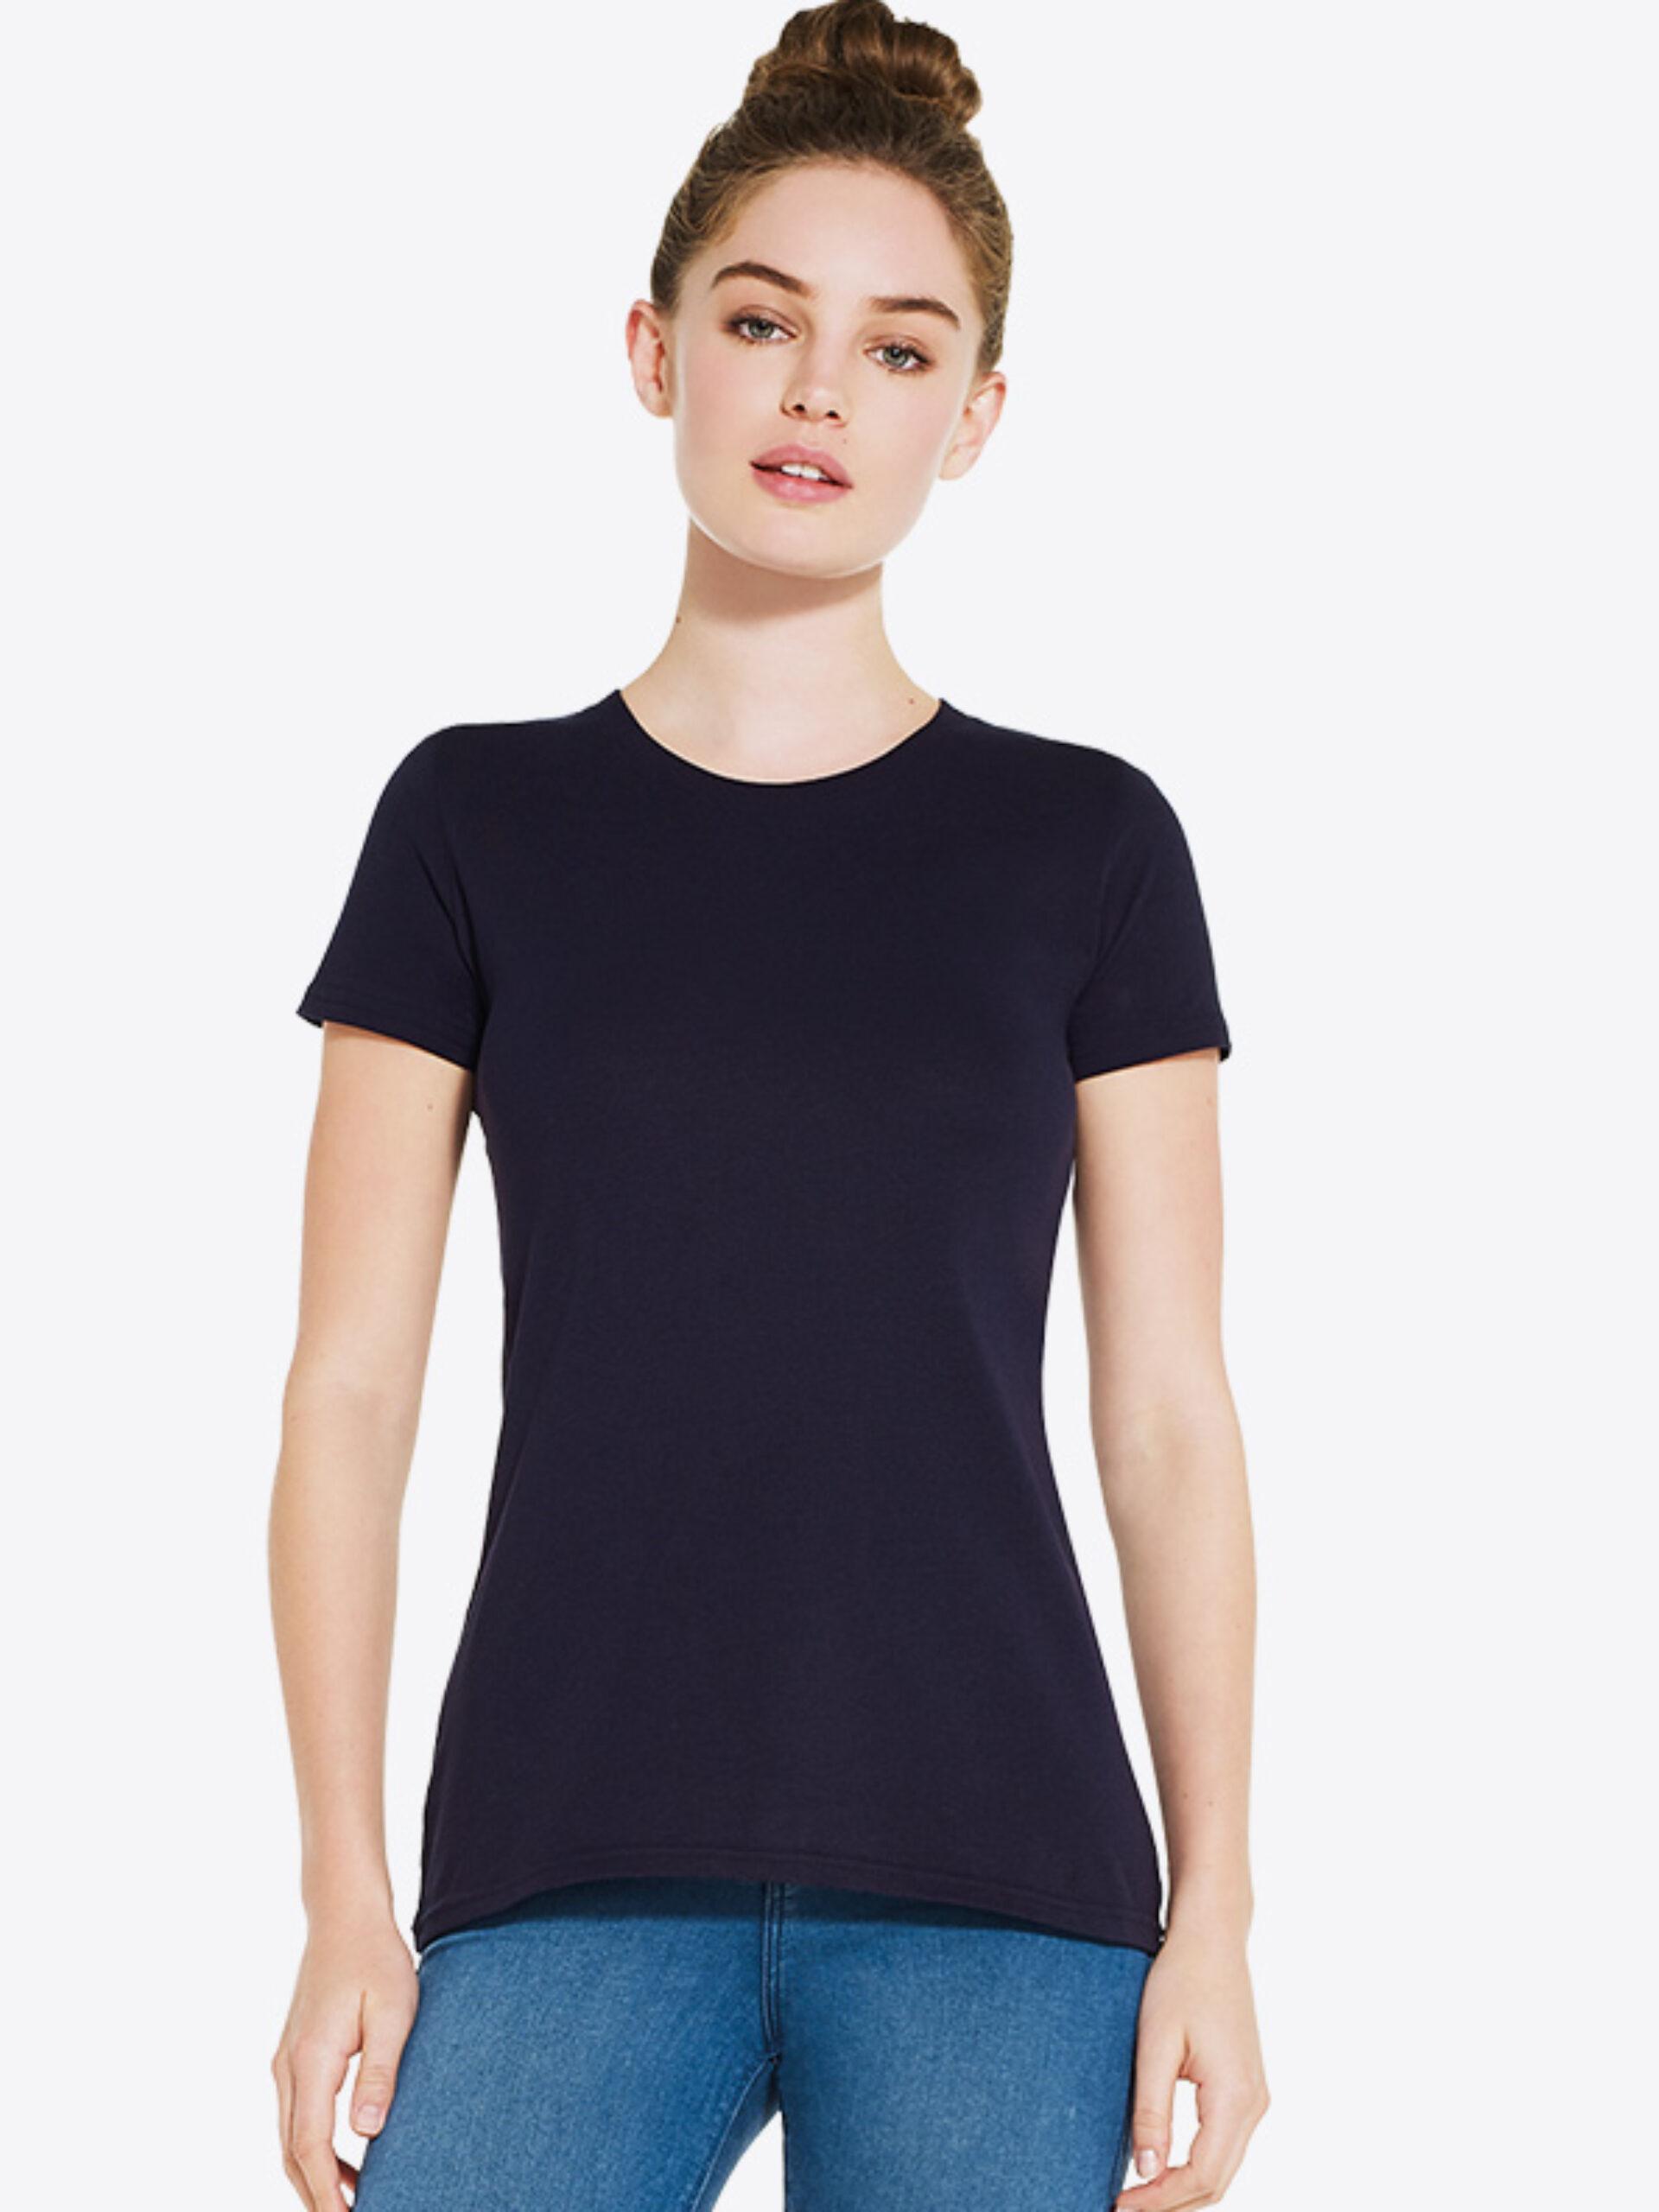 Damen T Shirt Premium Earth Positiv 04 Bestellen